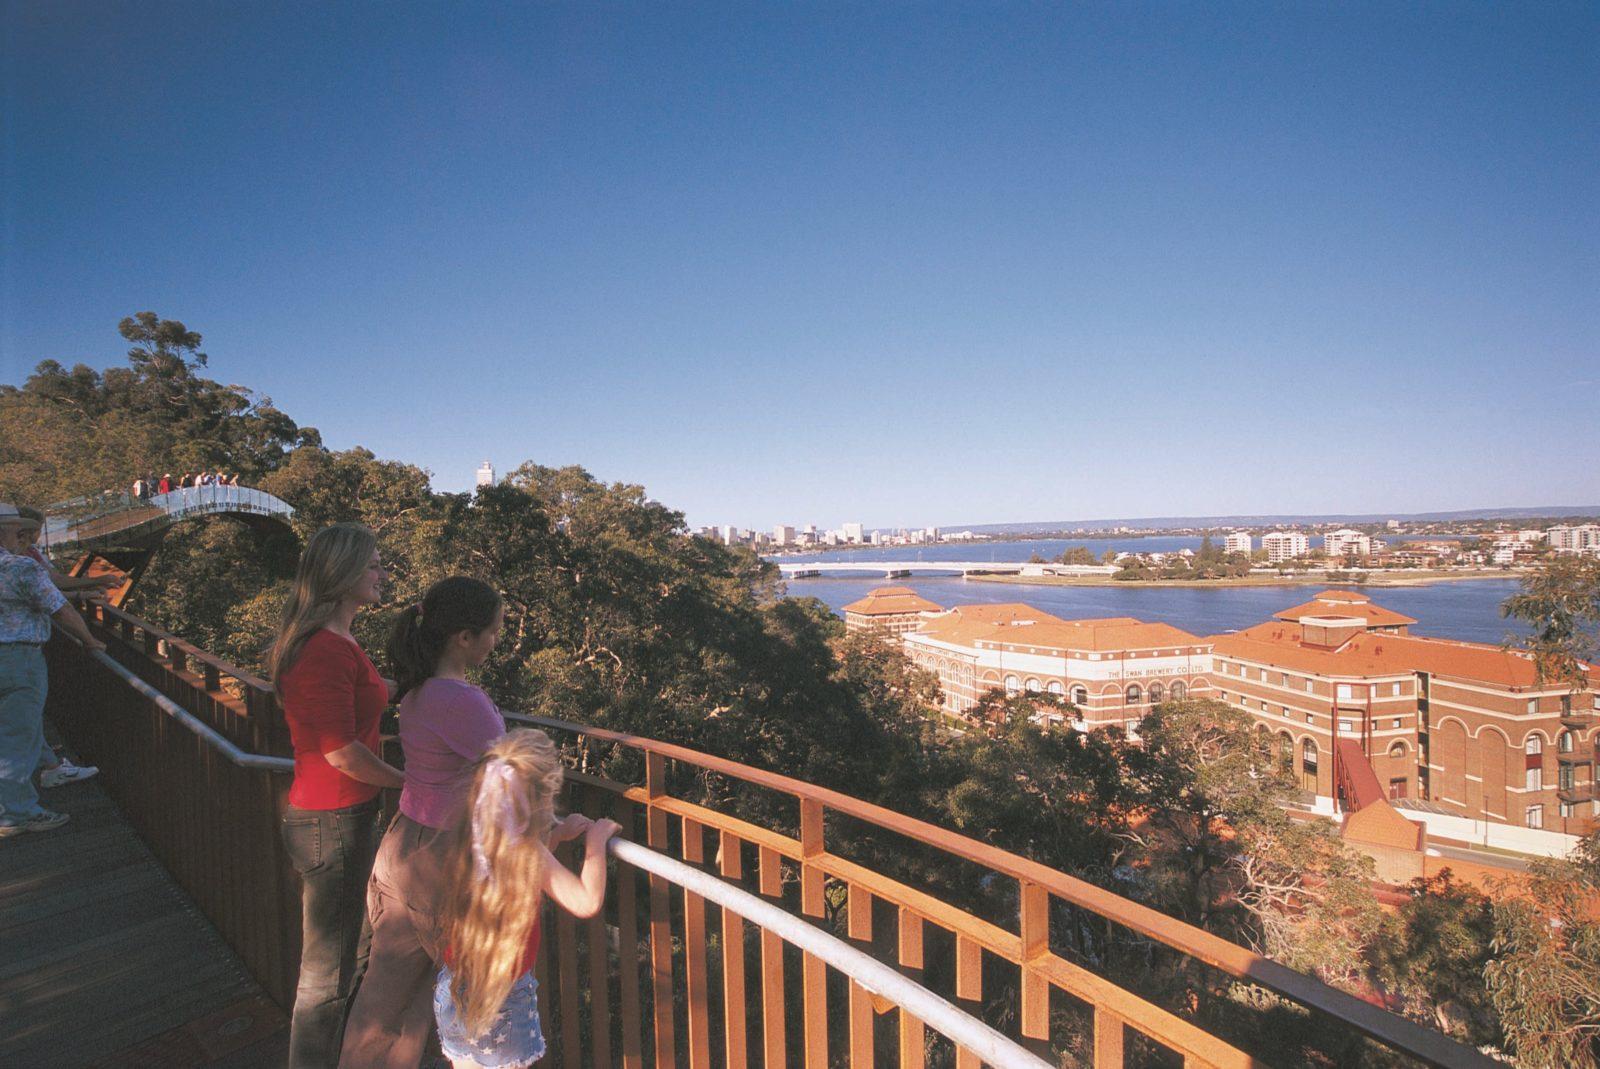 Lotterywest Federation Walkway, West Perth, Western Australia